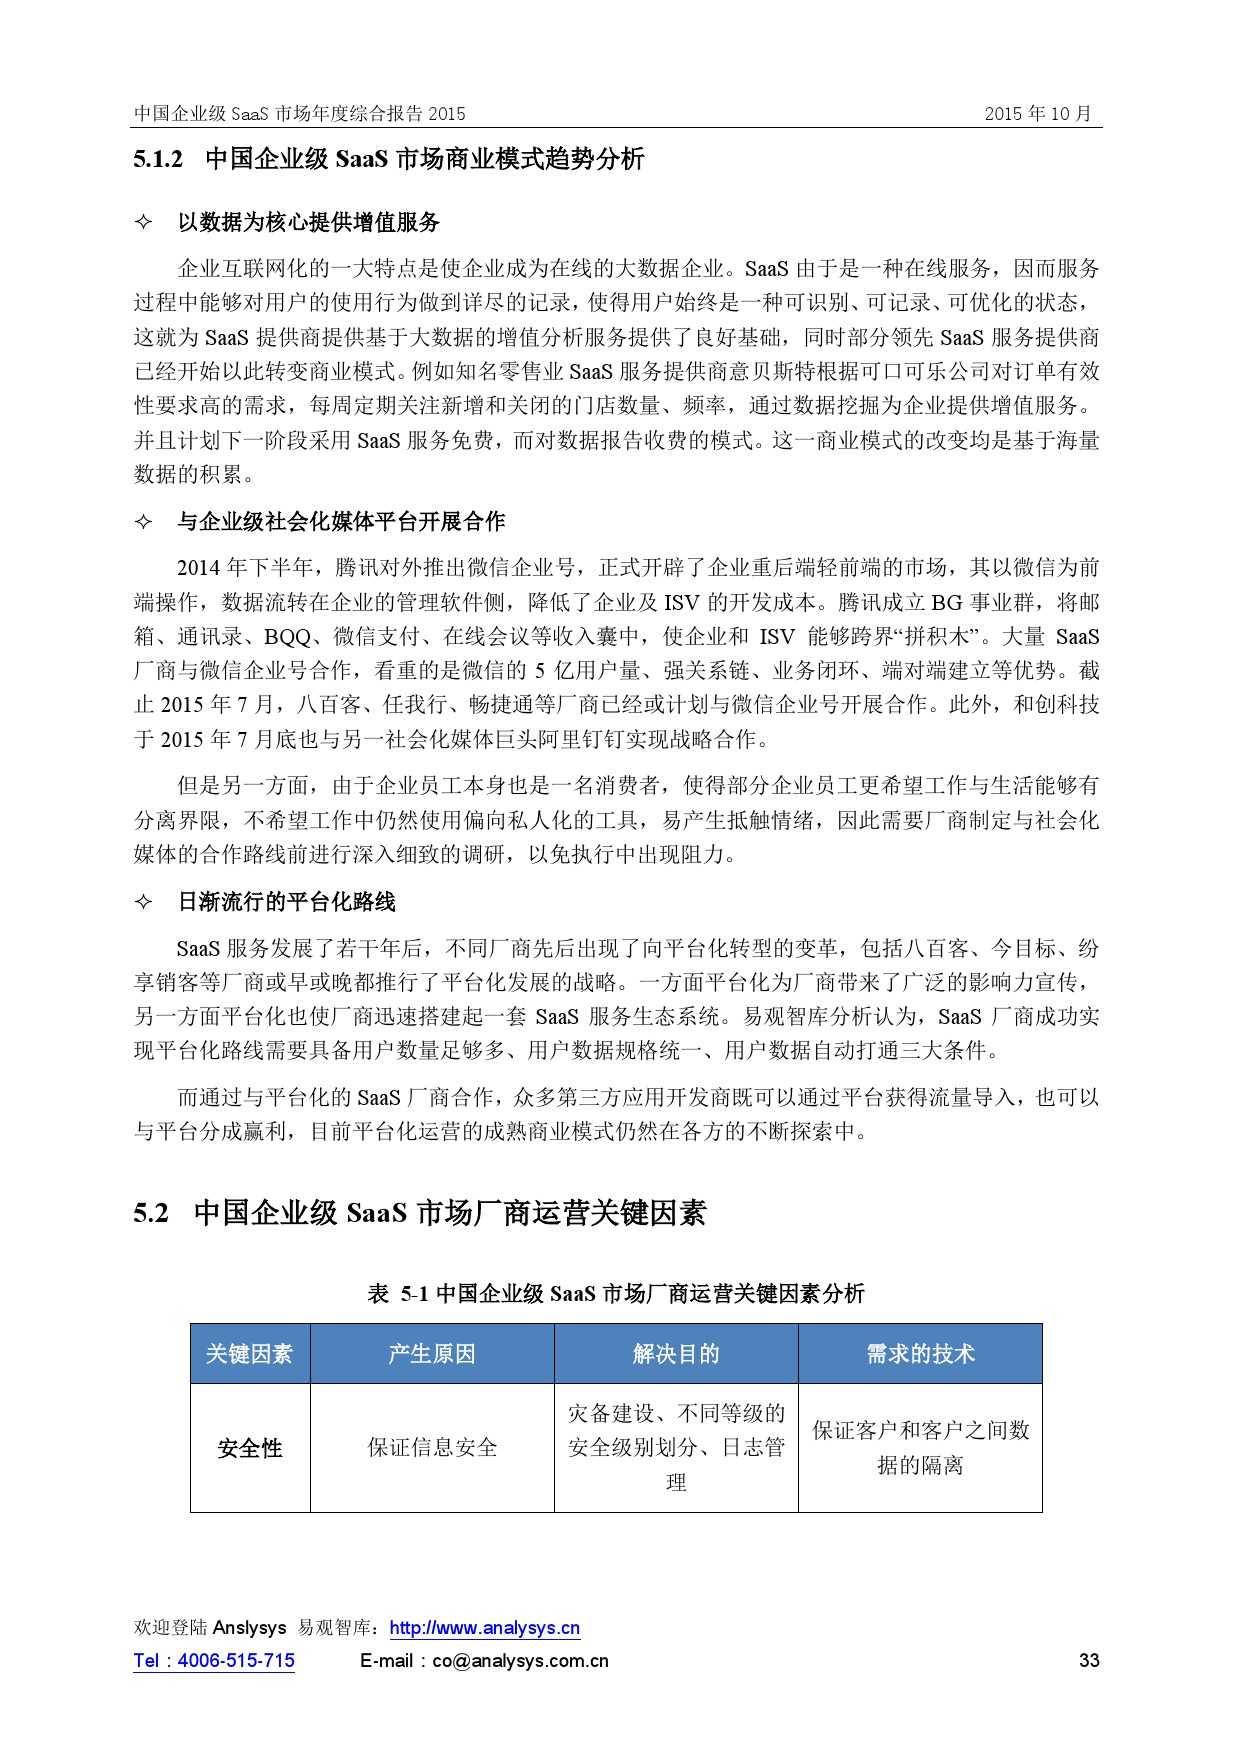 中国企业级SaaS市场年度综合报告2015 01_000033